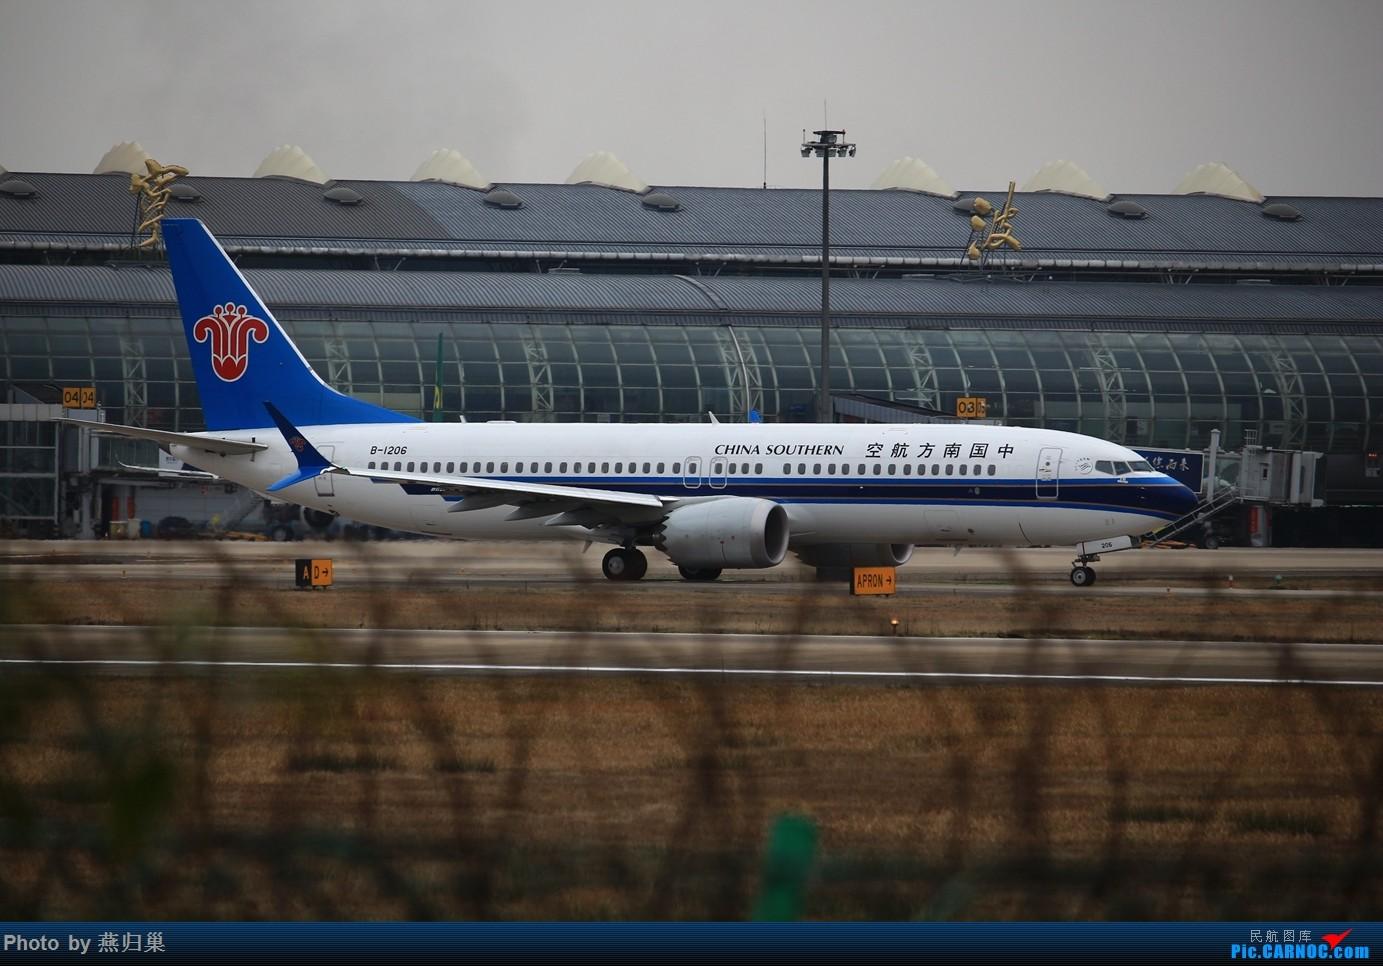 [原创]【宁波飞友会】年前NGB拍机合集 BOEING 737MAX-8 B-1206 中国宁波栎社国际机场